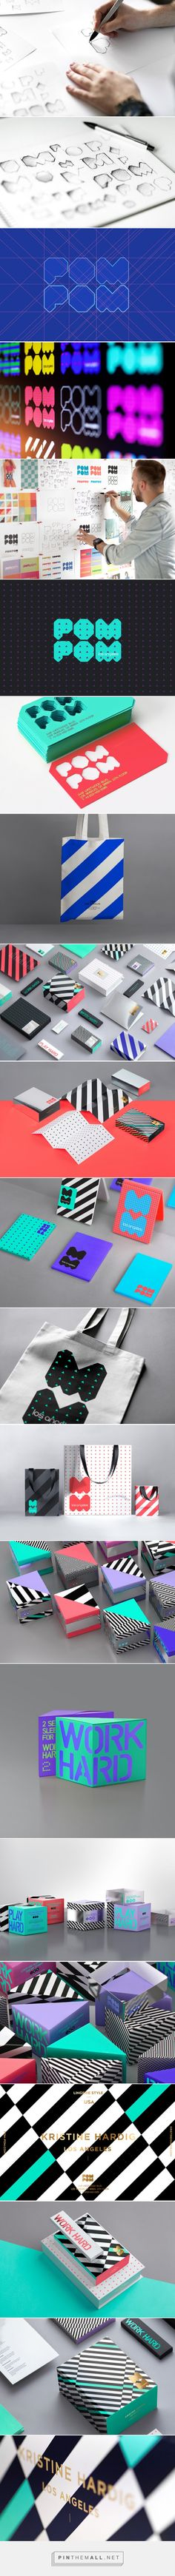 POM POM #lingerie #packaging designed by Reynolds and Reyner - http://www.packagingoftheworld.com/2015/05/pom-pom.html